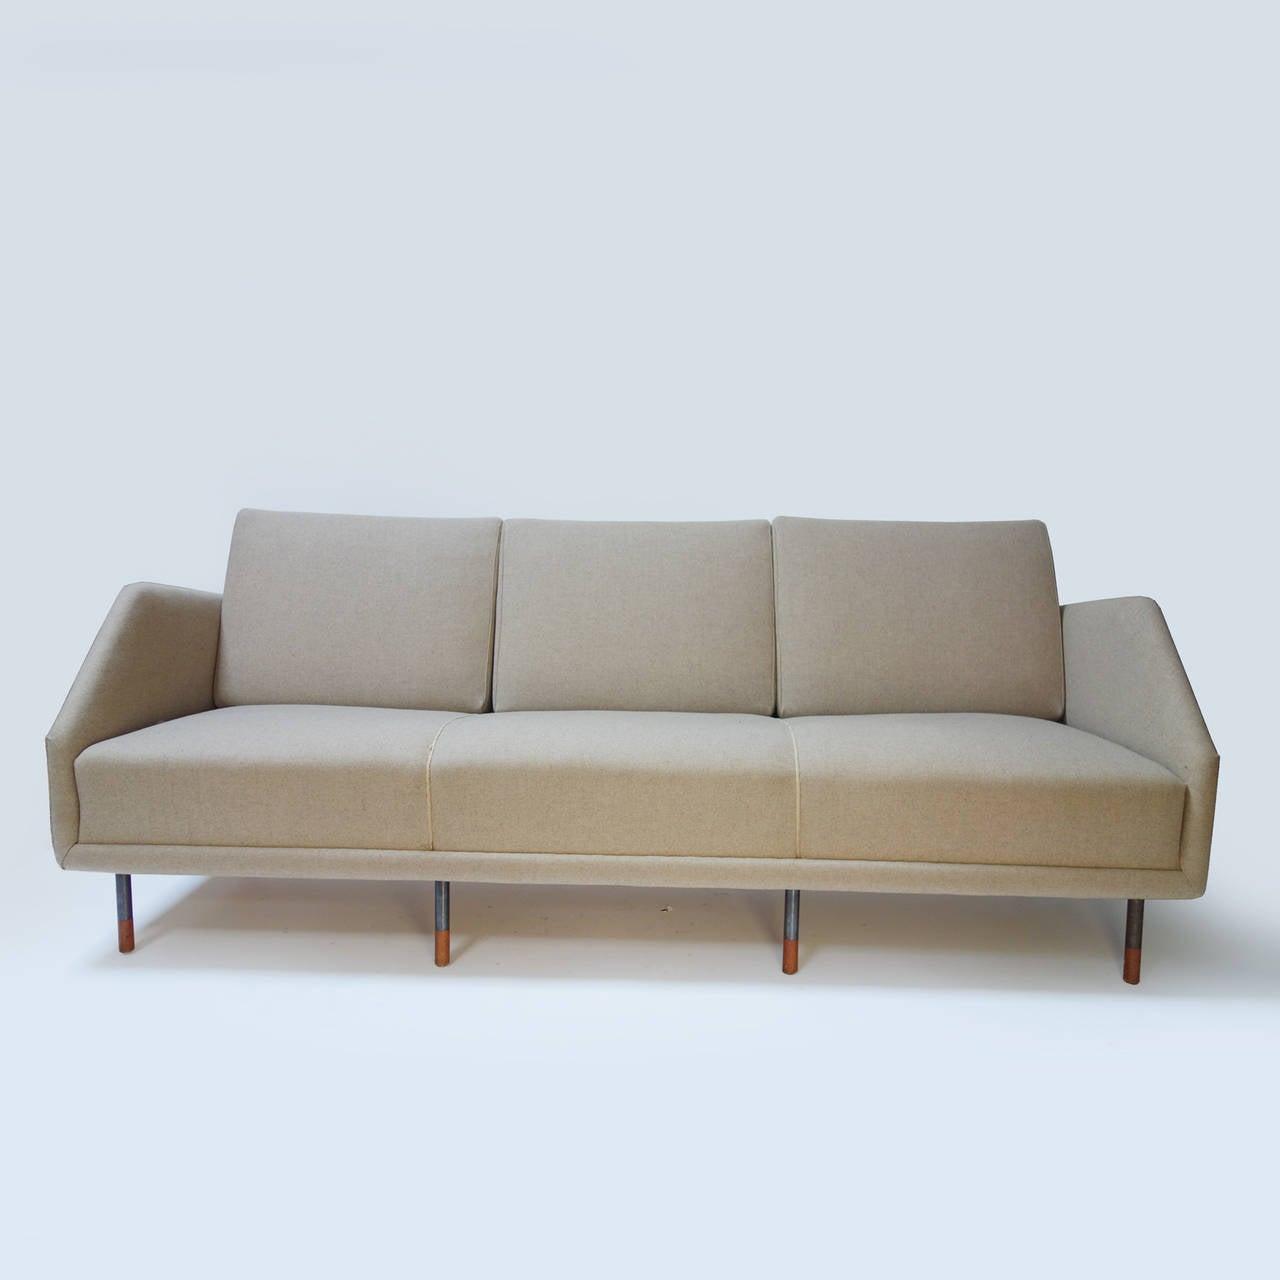 Elegant sofa model by finn juhl at 1stdibs for Elegante sofas